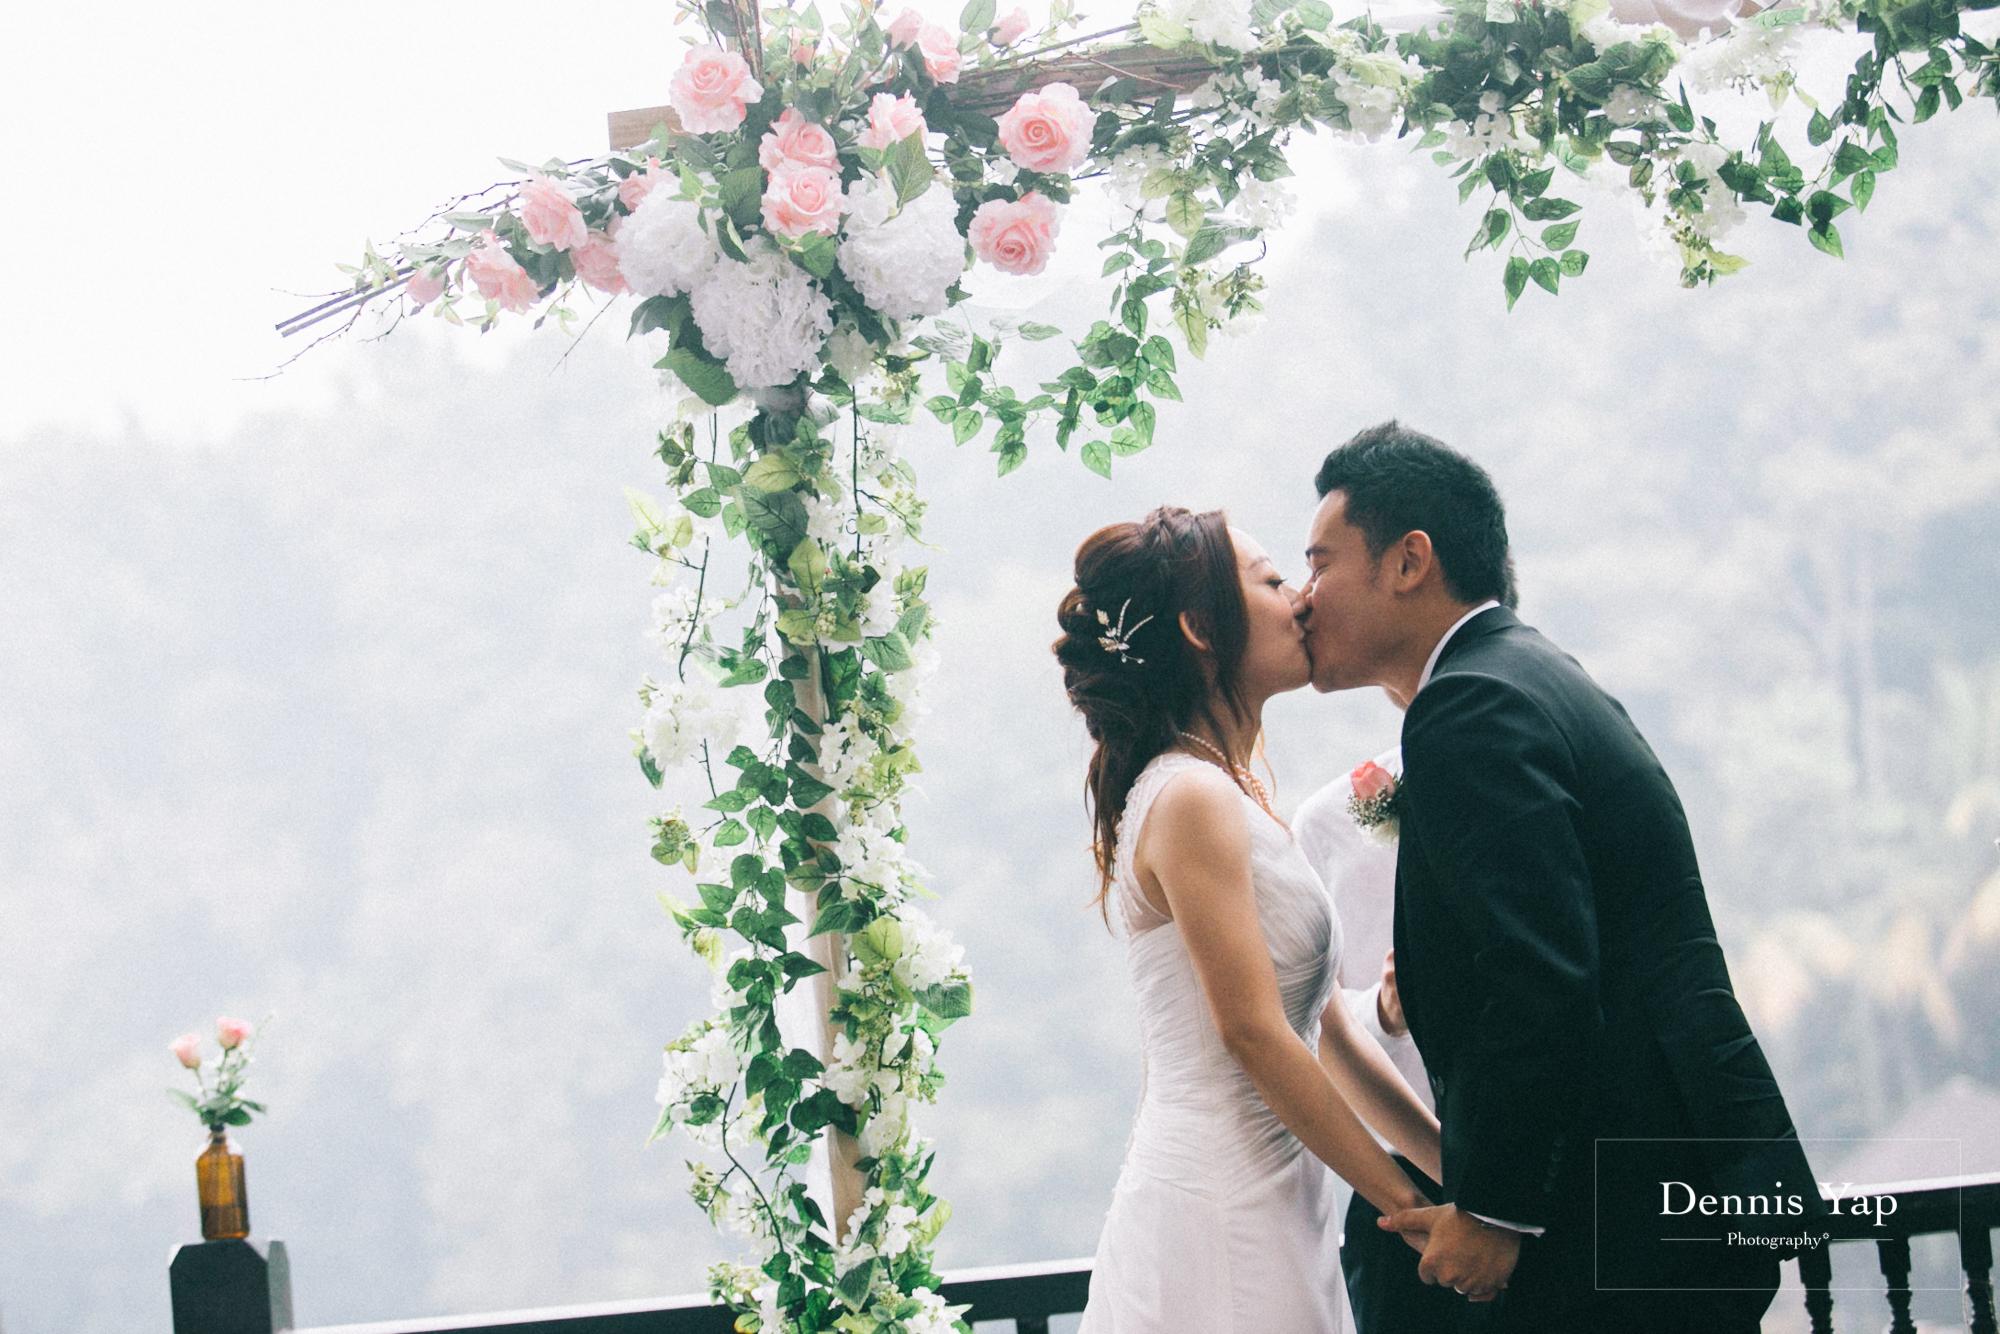 jason su lin rom registration gita bayu serdang wedding reception ceremony dennis yap photography fog malaysia-25.jpg